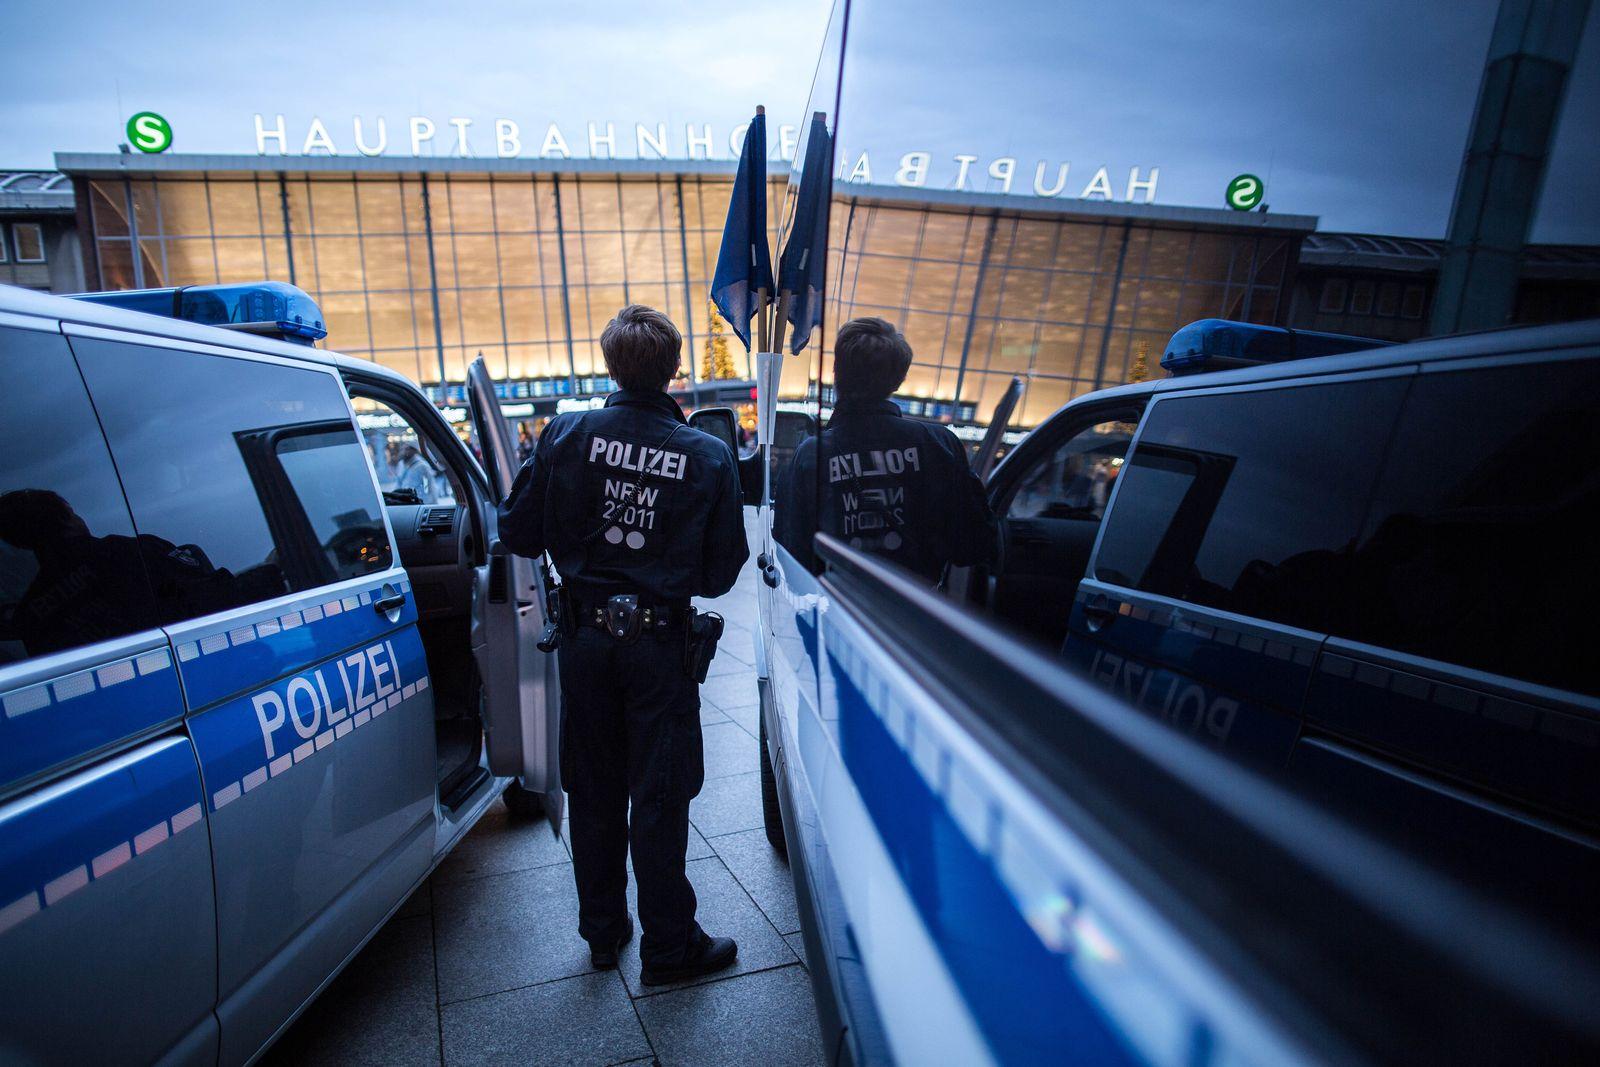 Polizei / Hauptbahnhof Köln